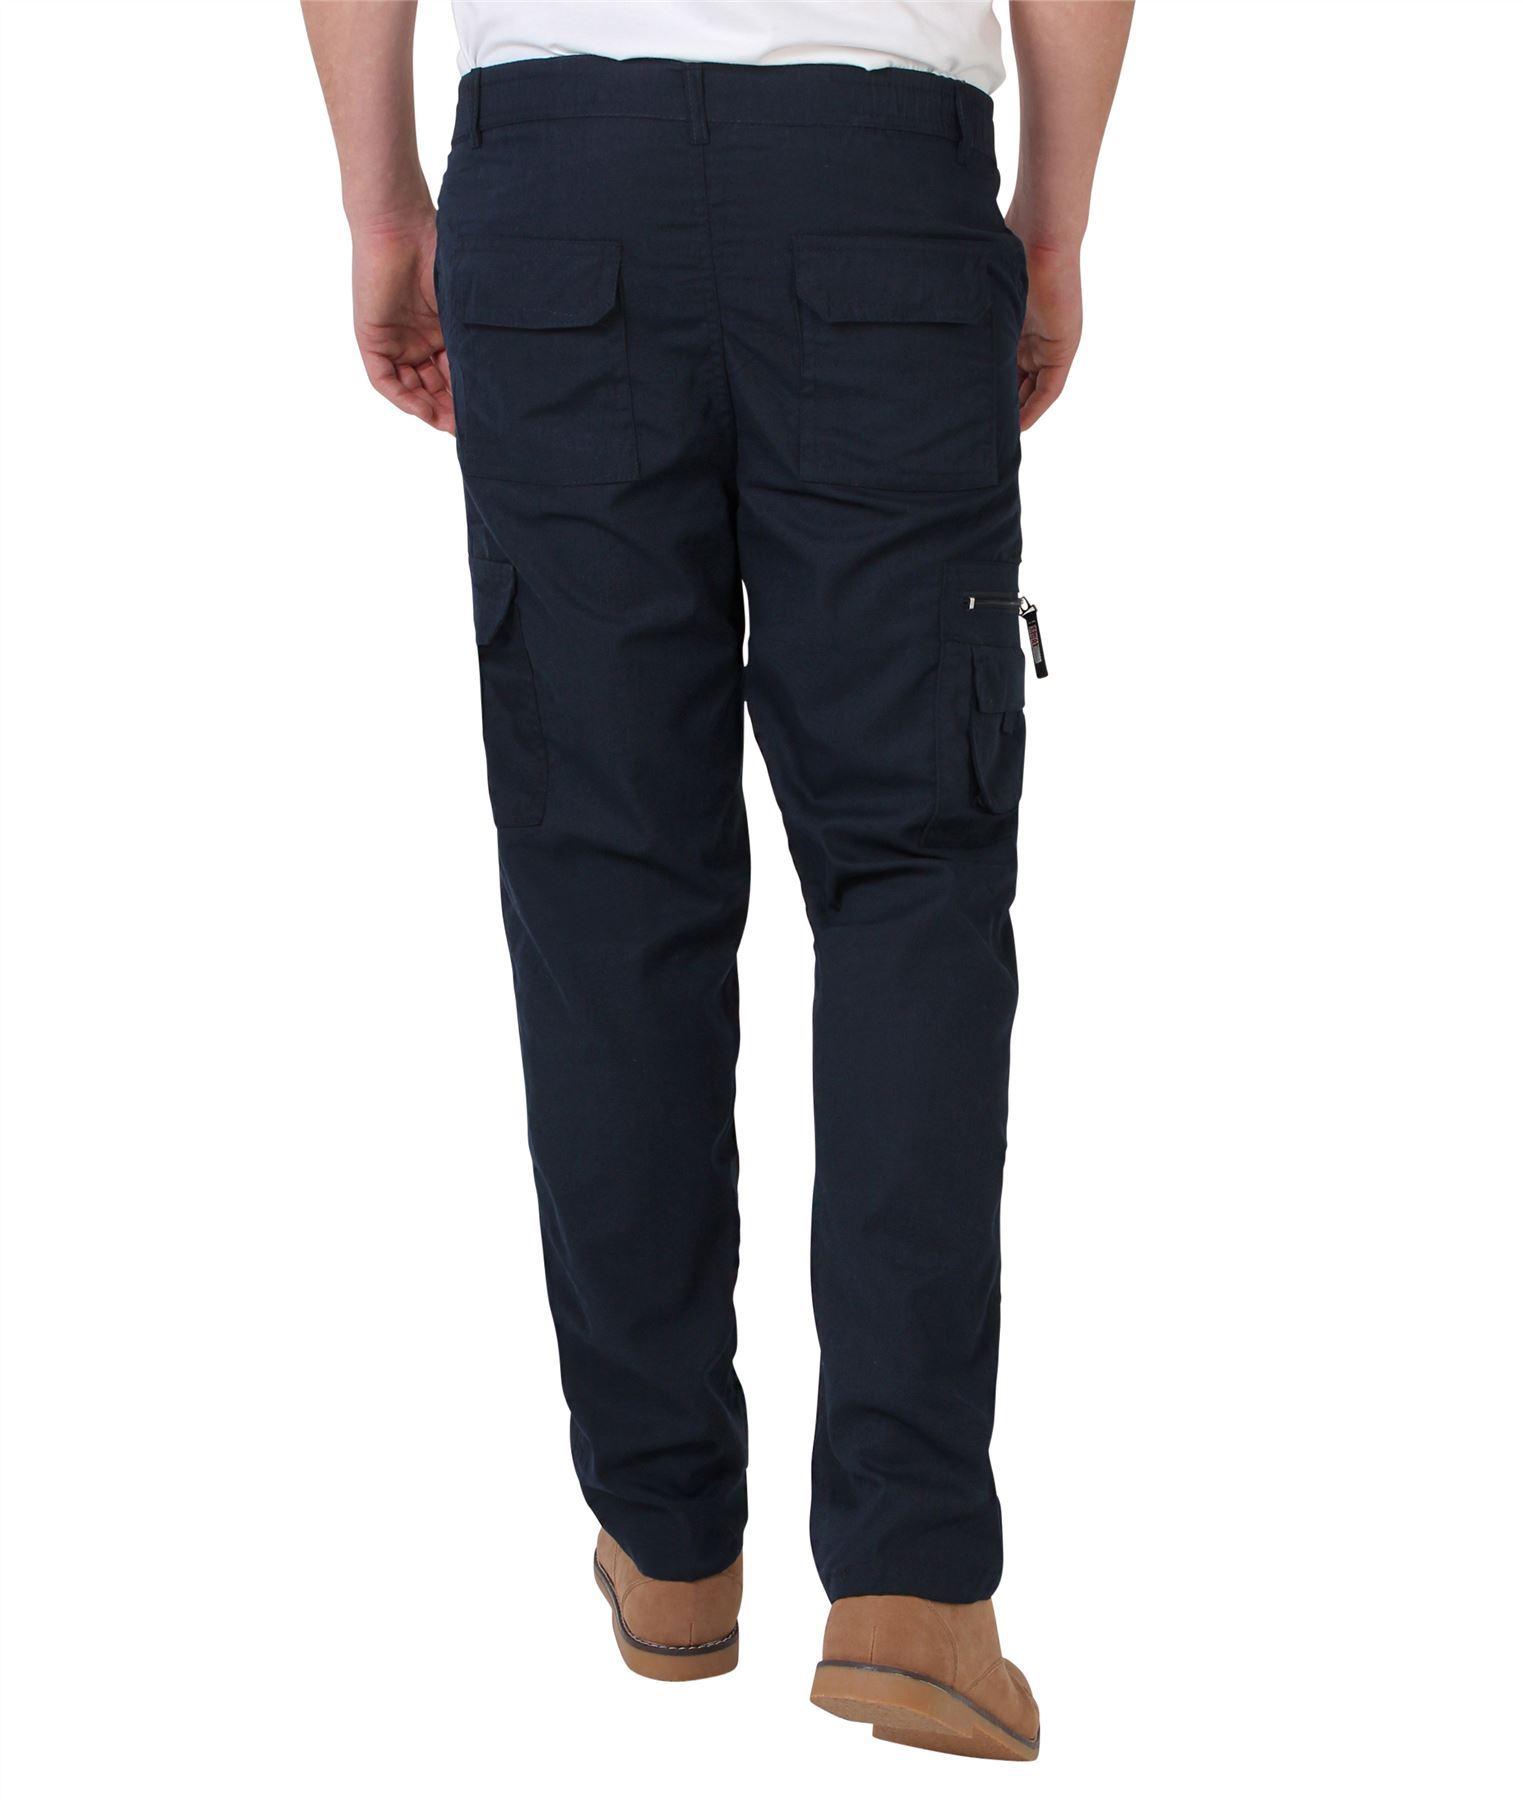 Uomo-Militare-Cargo-Pantaloni-Cotone-Lavoro-Chino-Casual-Kaki miniatura 25